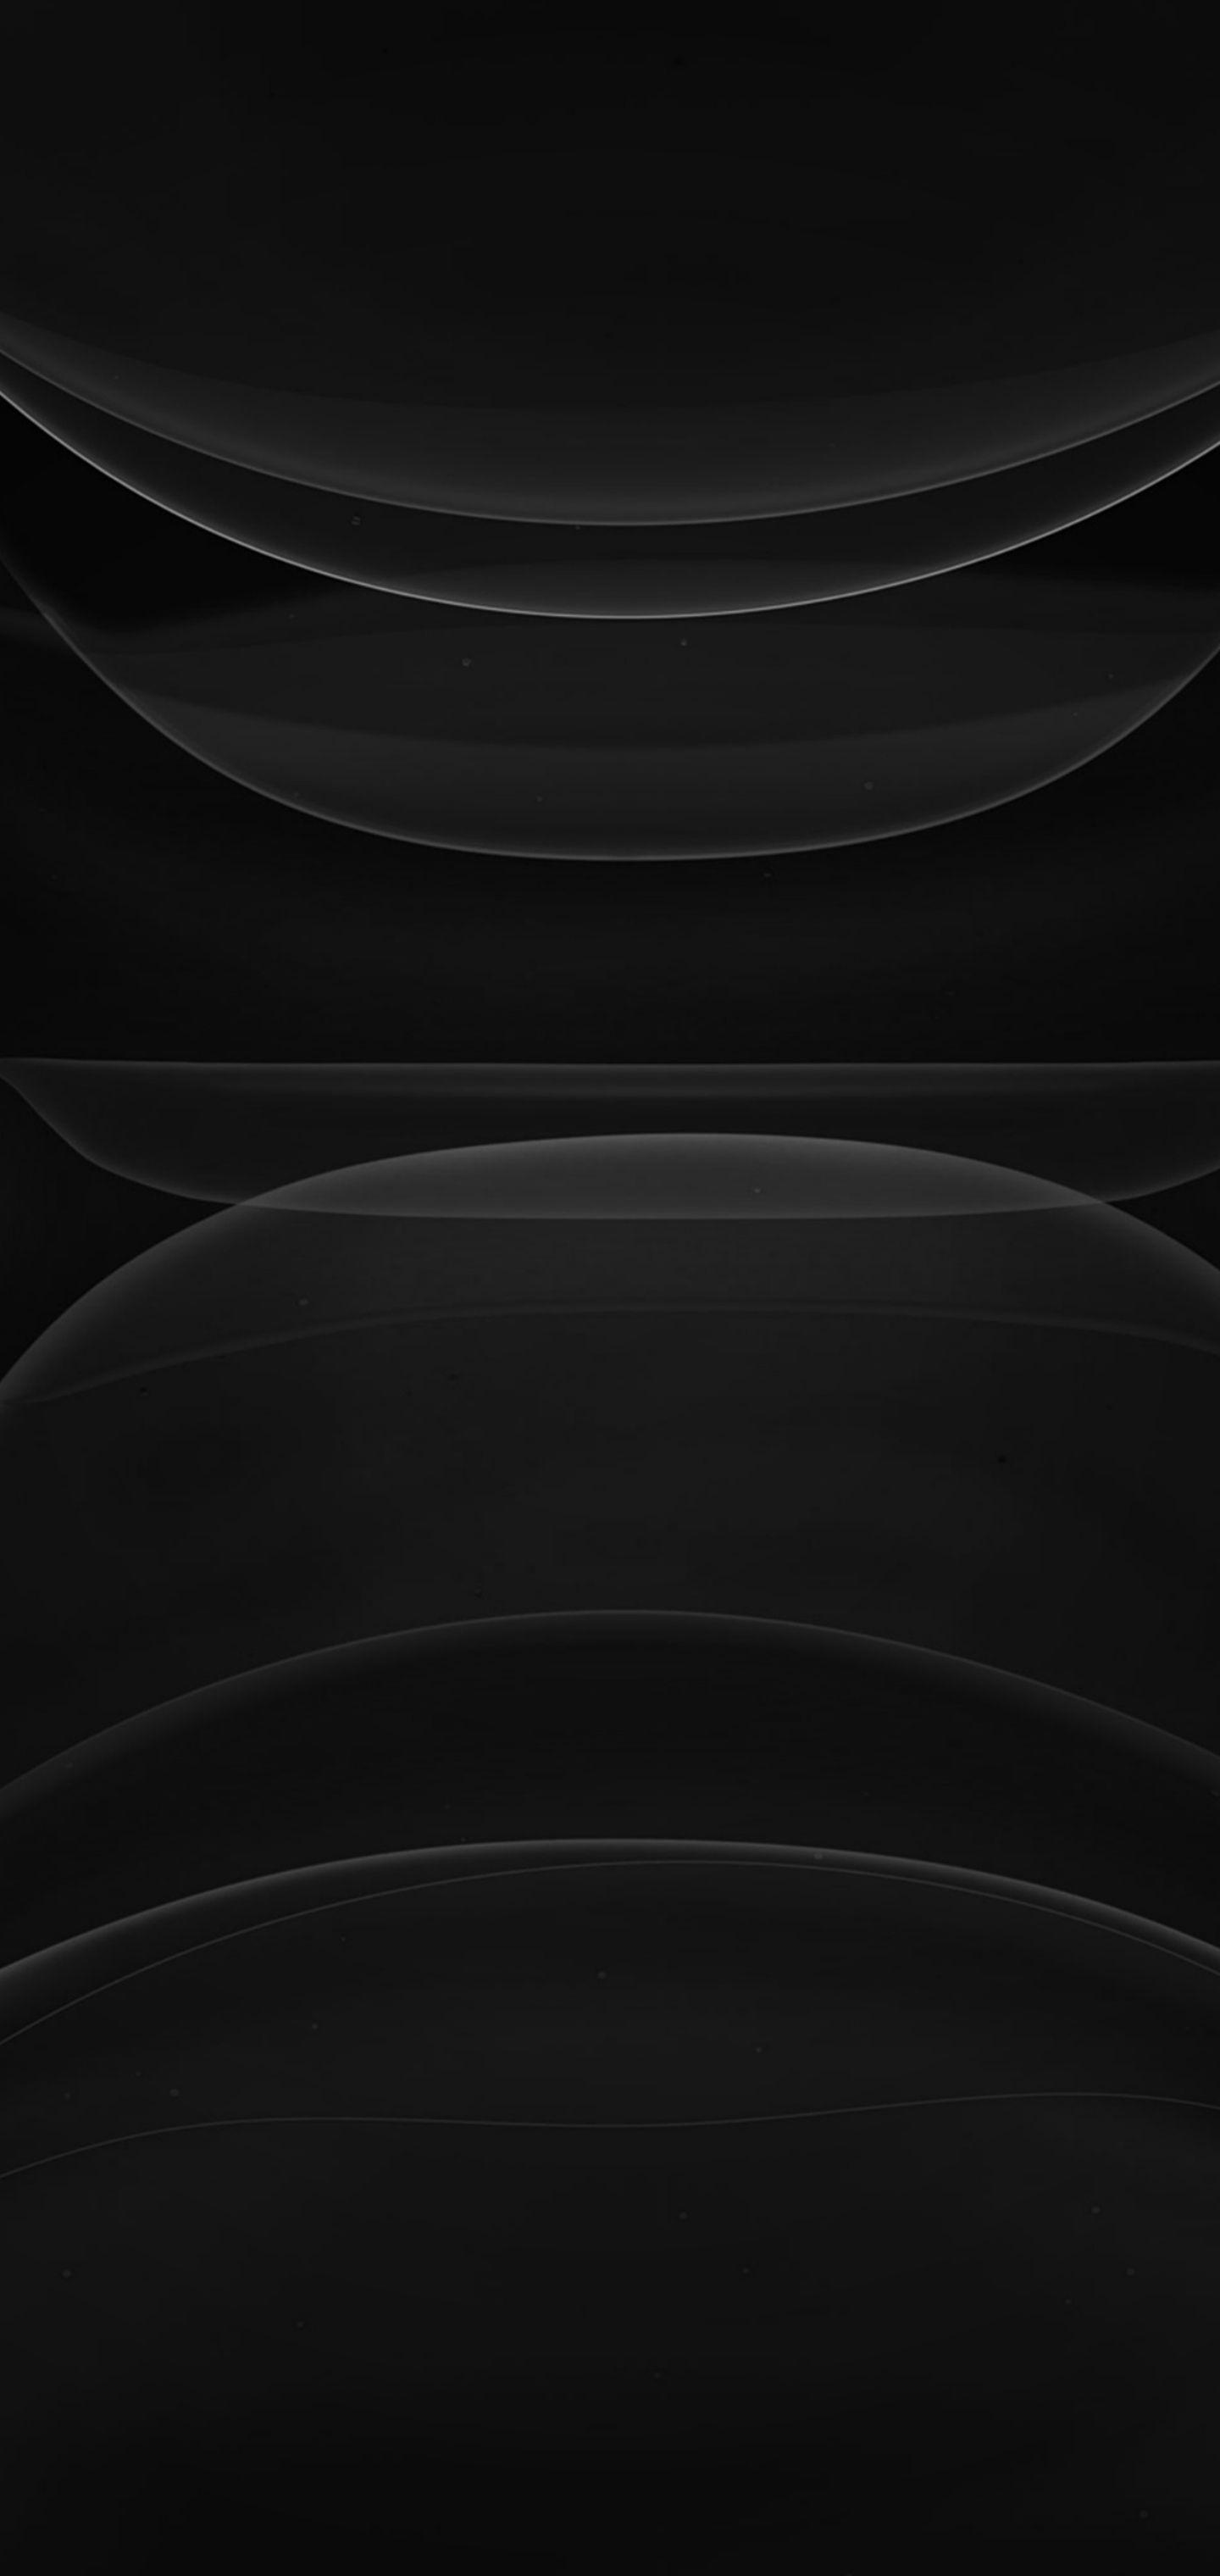 Best Ios 13 Dark Mode Wallpapers